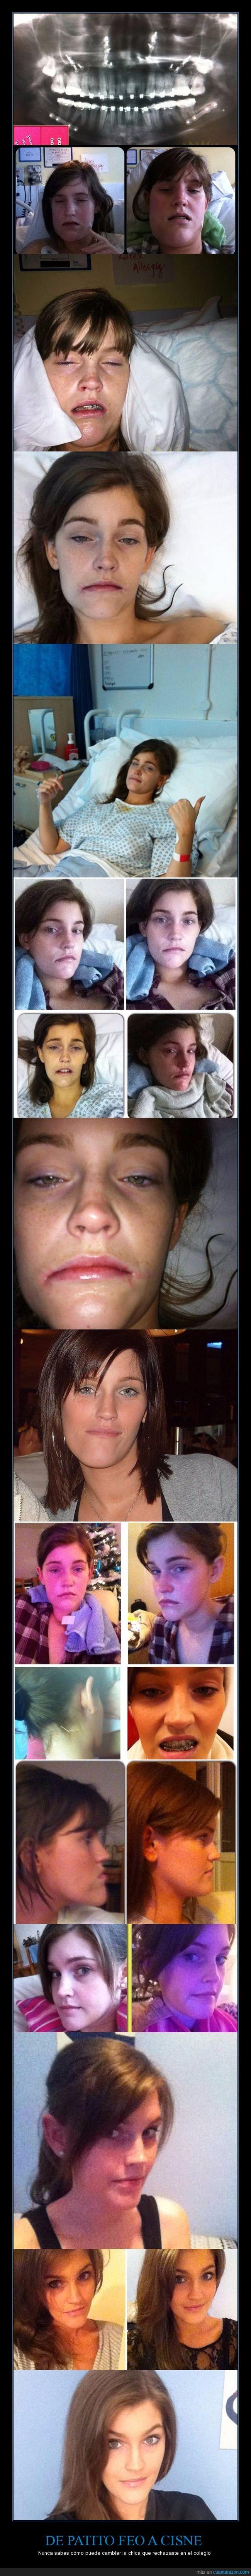 chica,cirugía,cisne,ortodoncia,patito feo